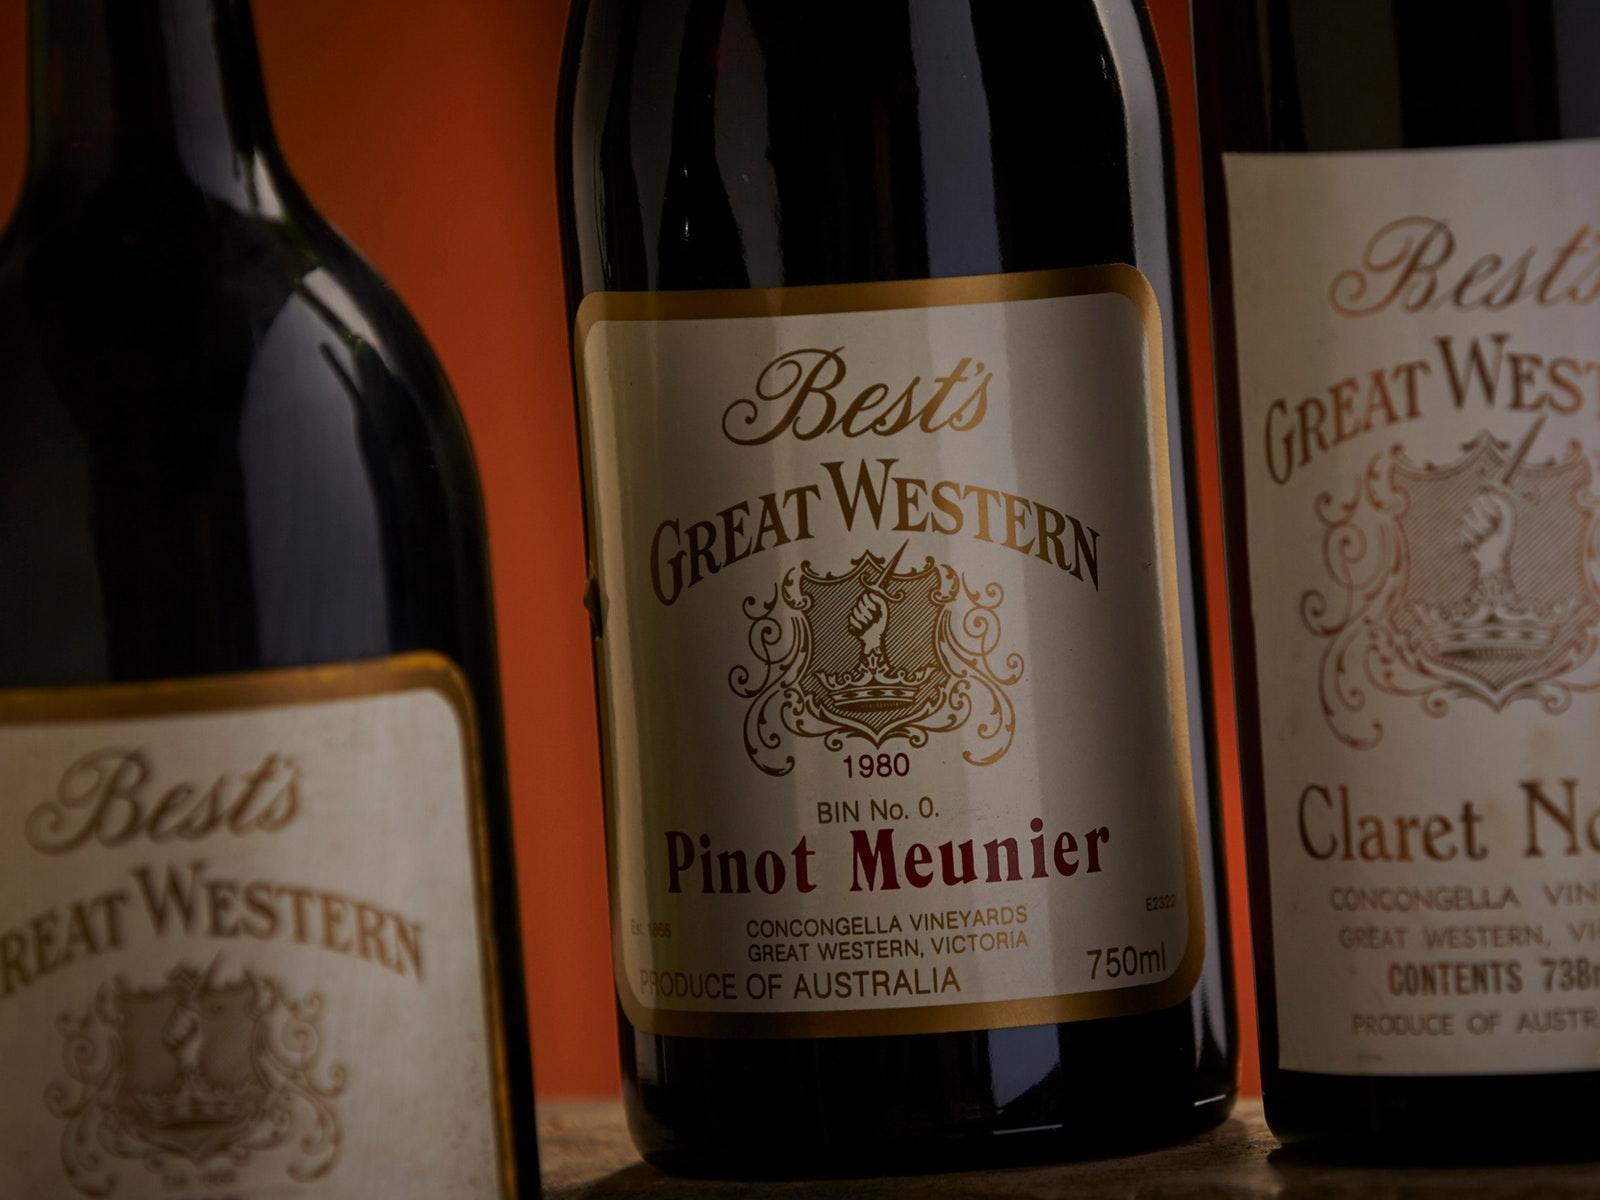 Best's Pinot Meunier